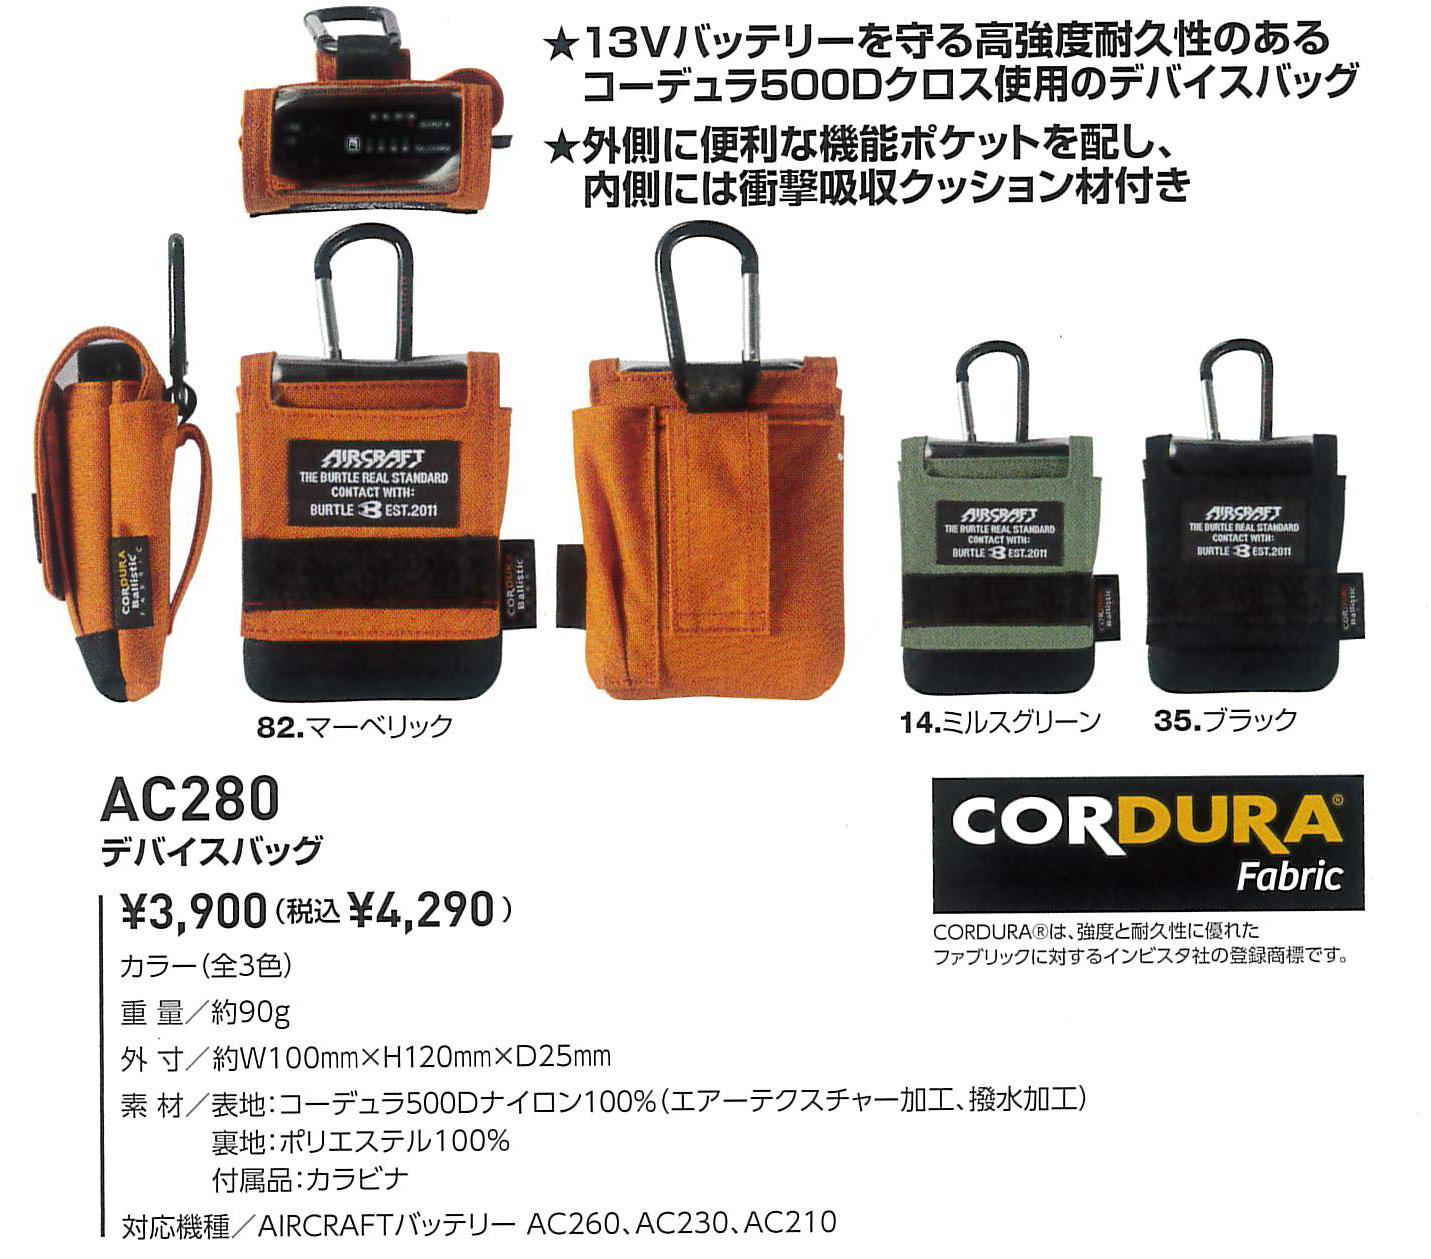 AC280 デバイスバック ¥2,500(税込)